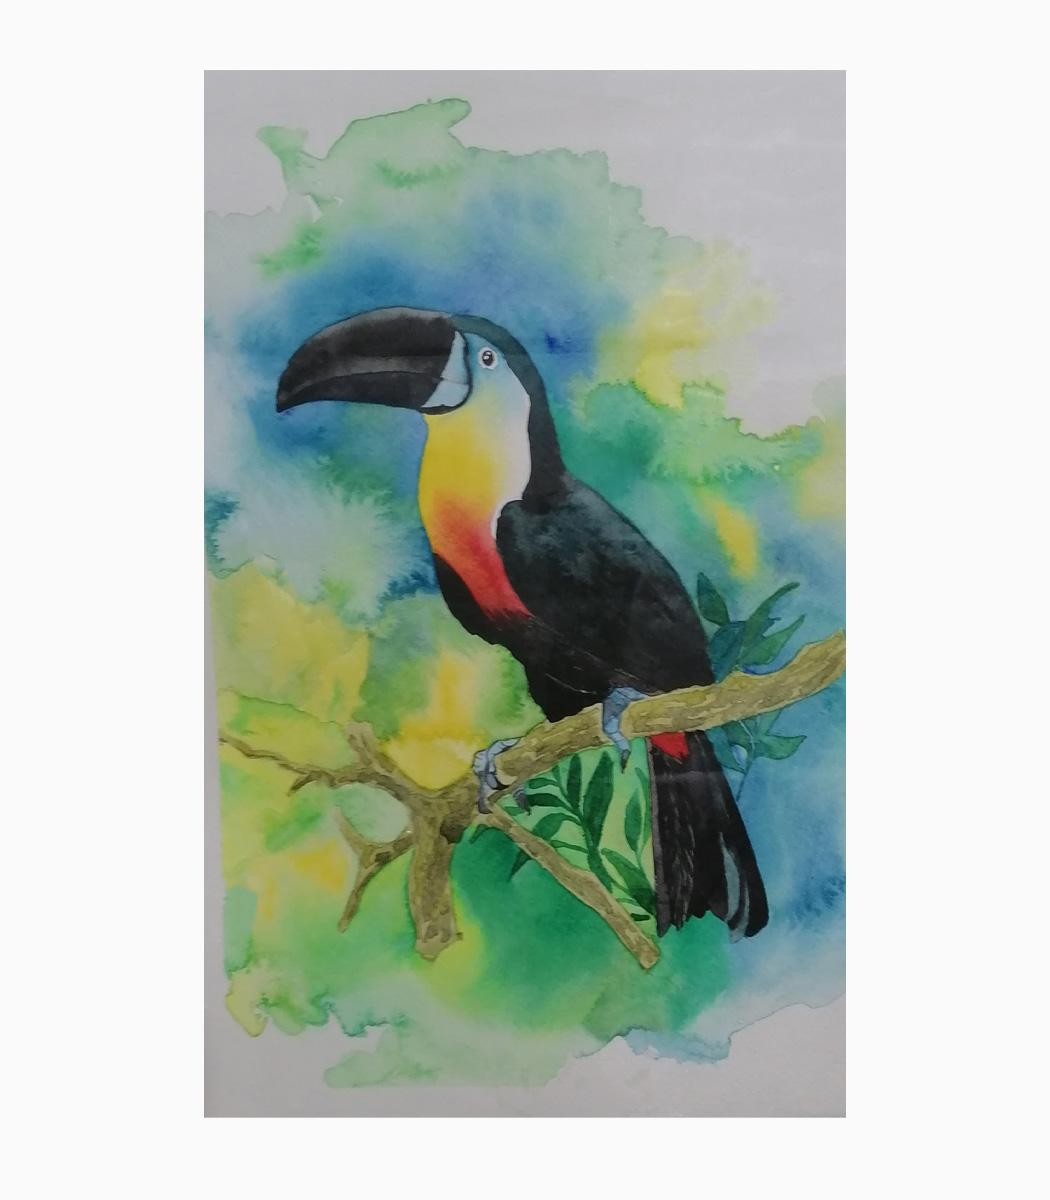 نقاشی آبرنگ توکا